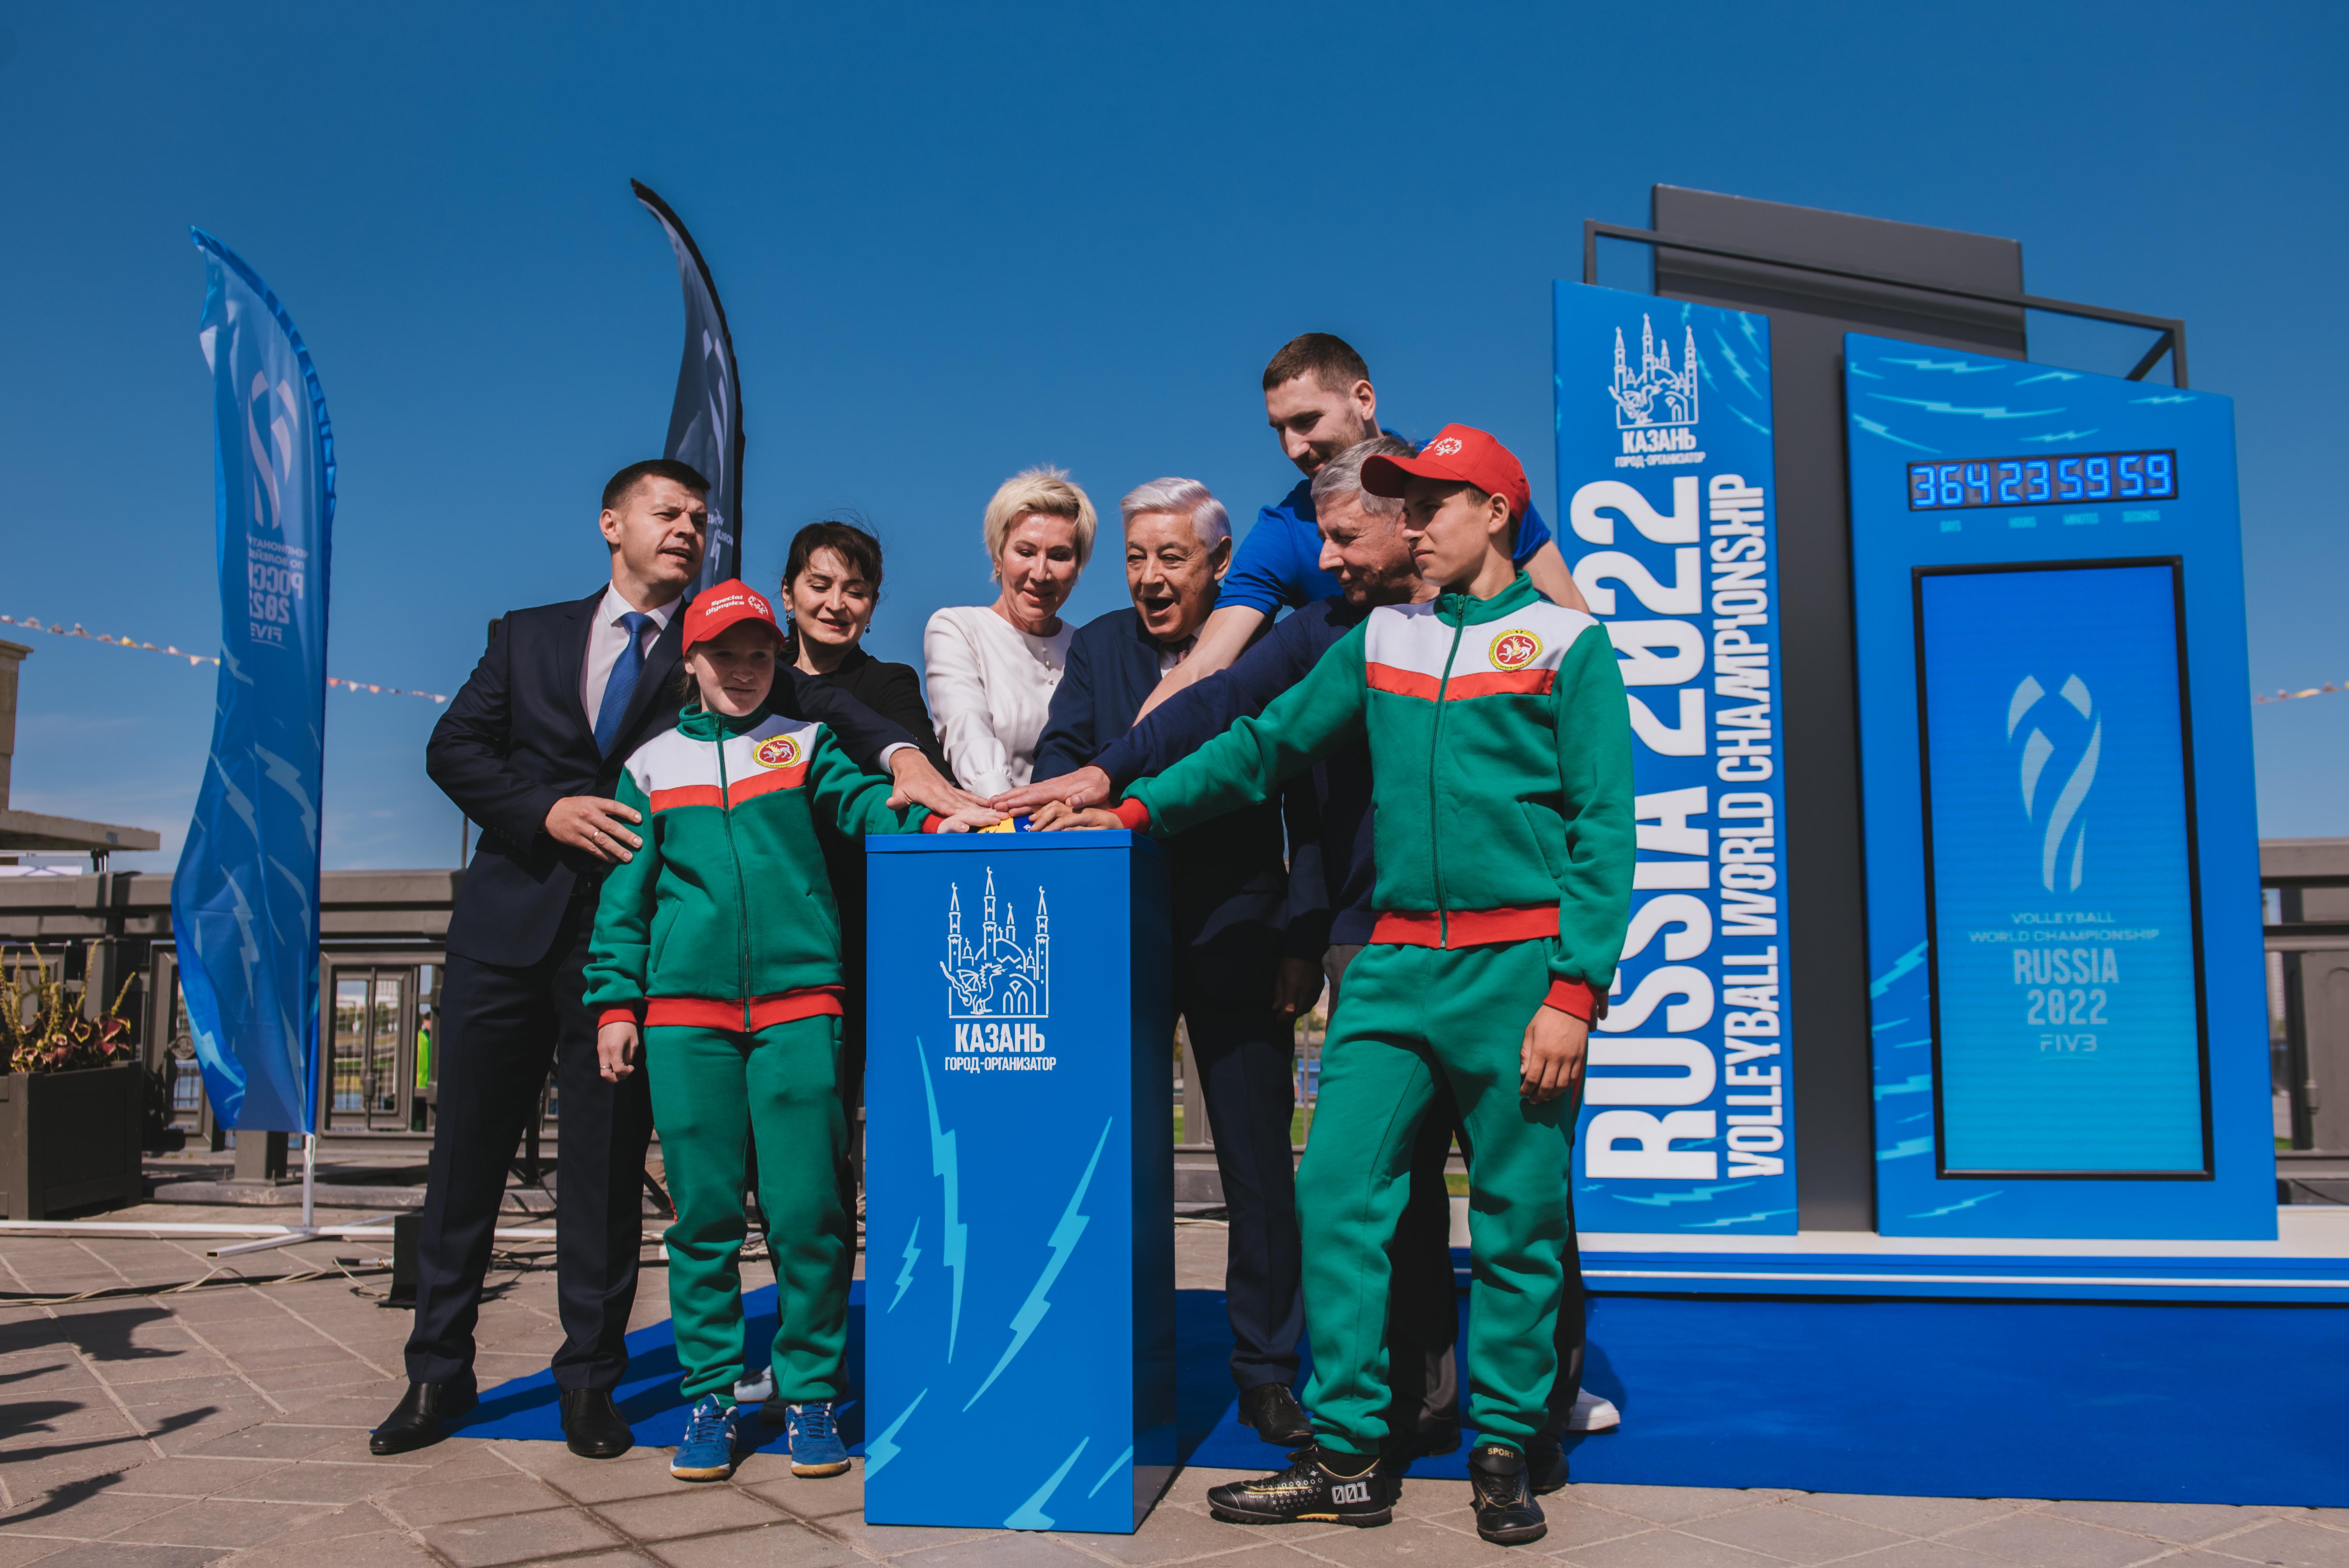 В Казани отметили год до старта Чемпионата мира по волейболу среди мужских команд FIVB 2022 в России